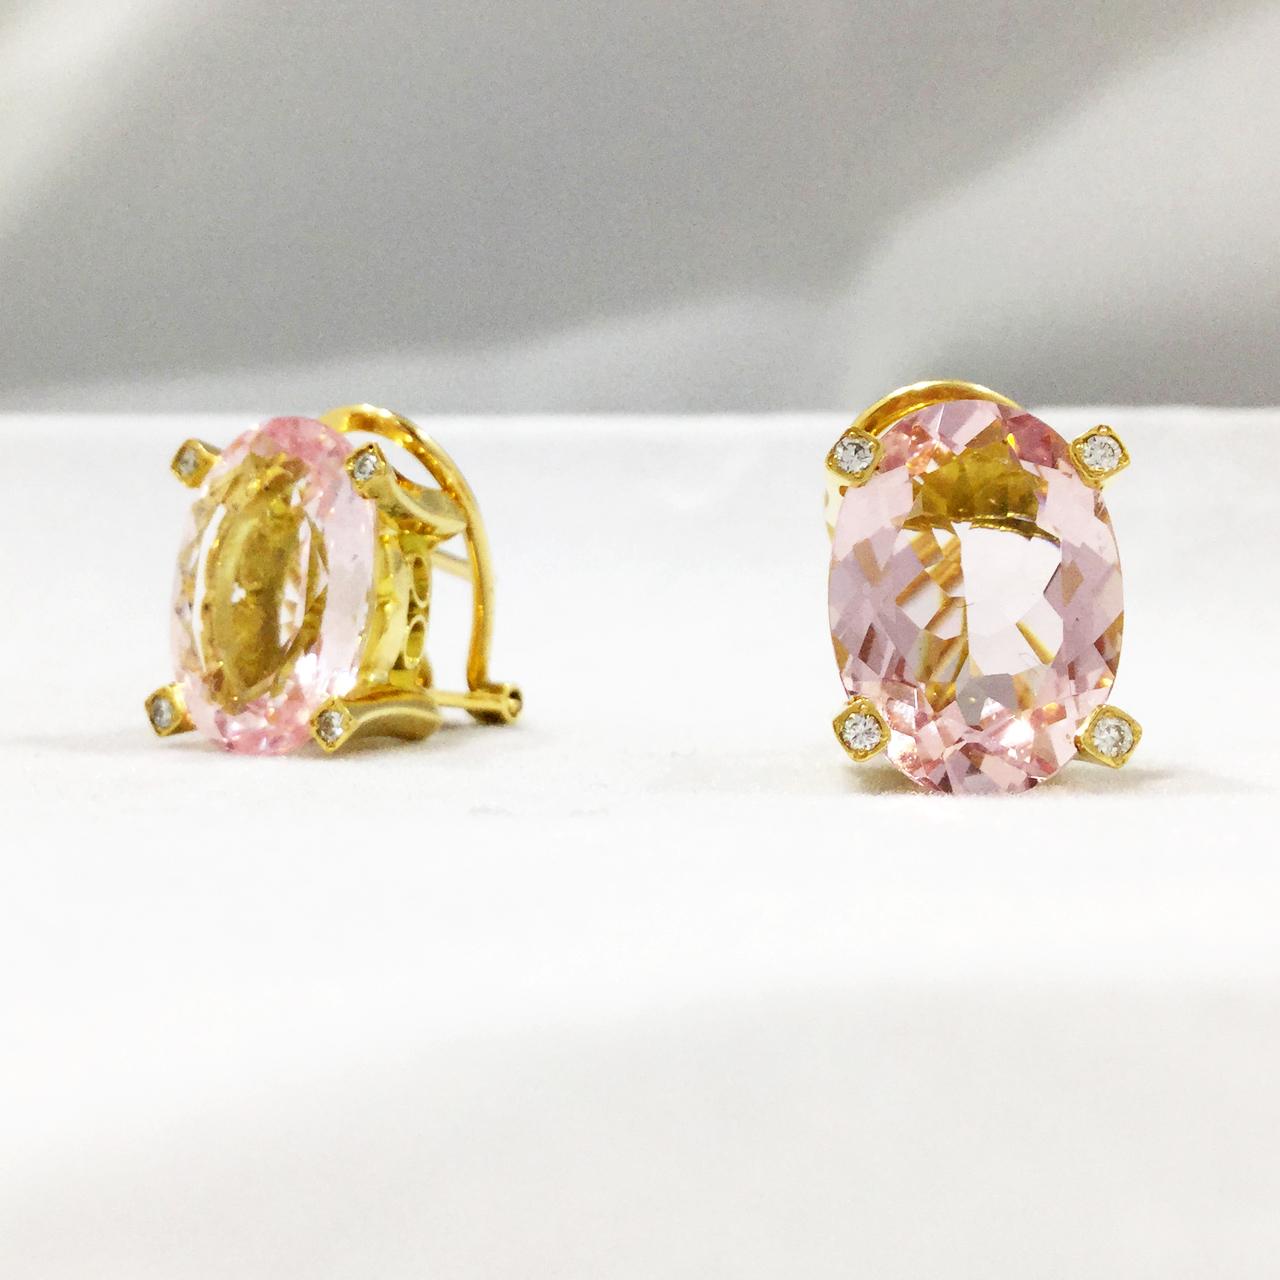 8701b37a3f17 Inicio   Tienda   Alta Joyeria   Colección Diamantes y Gemas Naturales    Pendientes de diseño actual con morganitas y diamantes